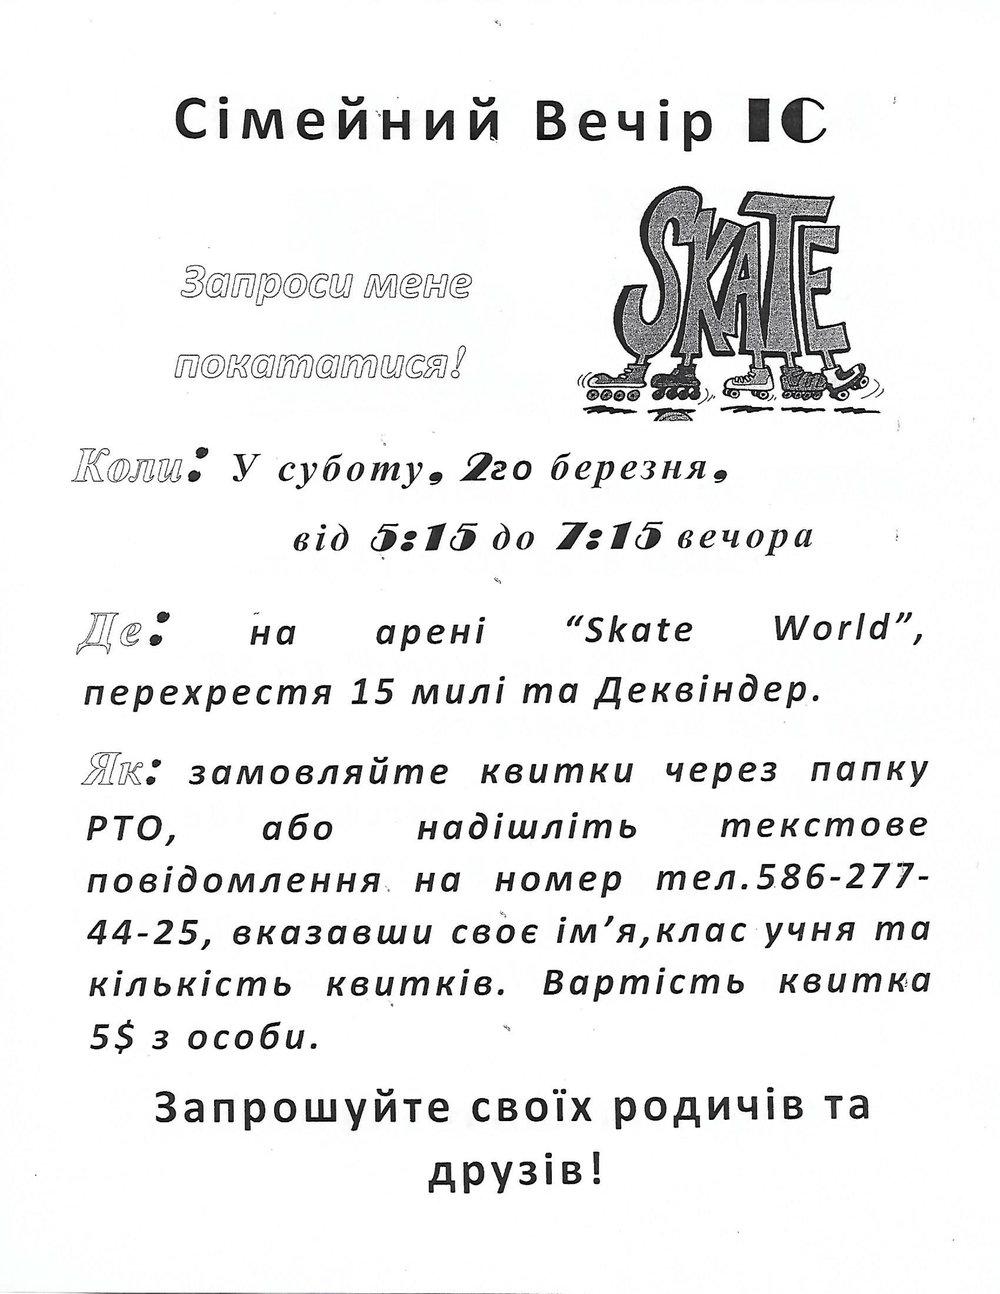 Skate Flyer-2.jpg